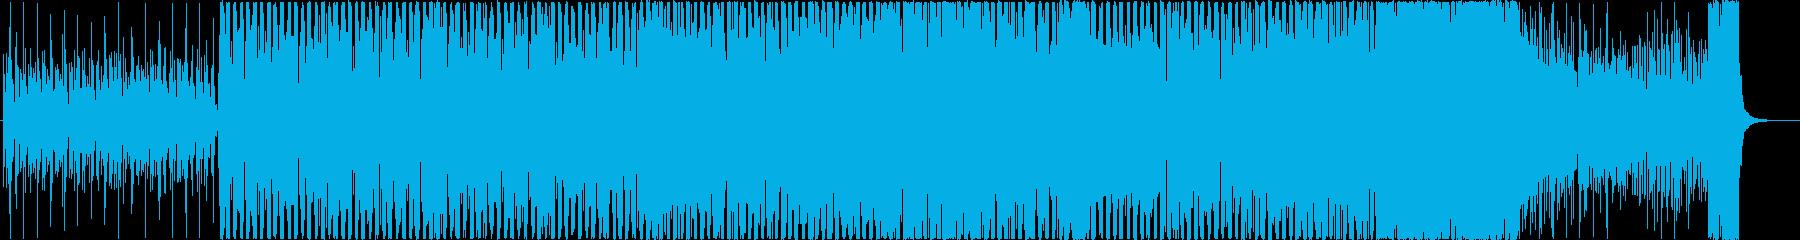 パッヘルベル カノンのダンスアレンジの再生済みの波形